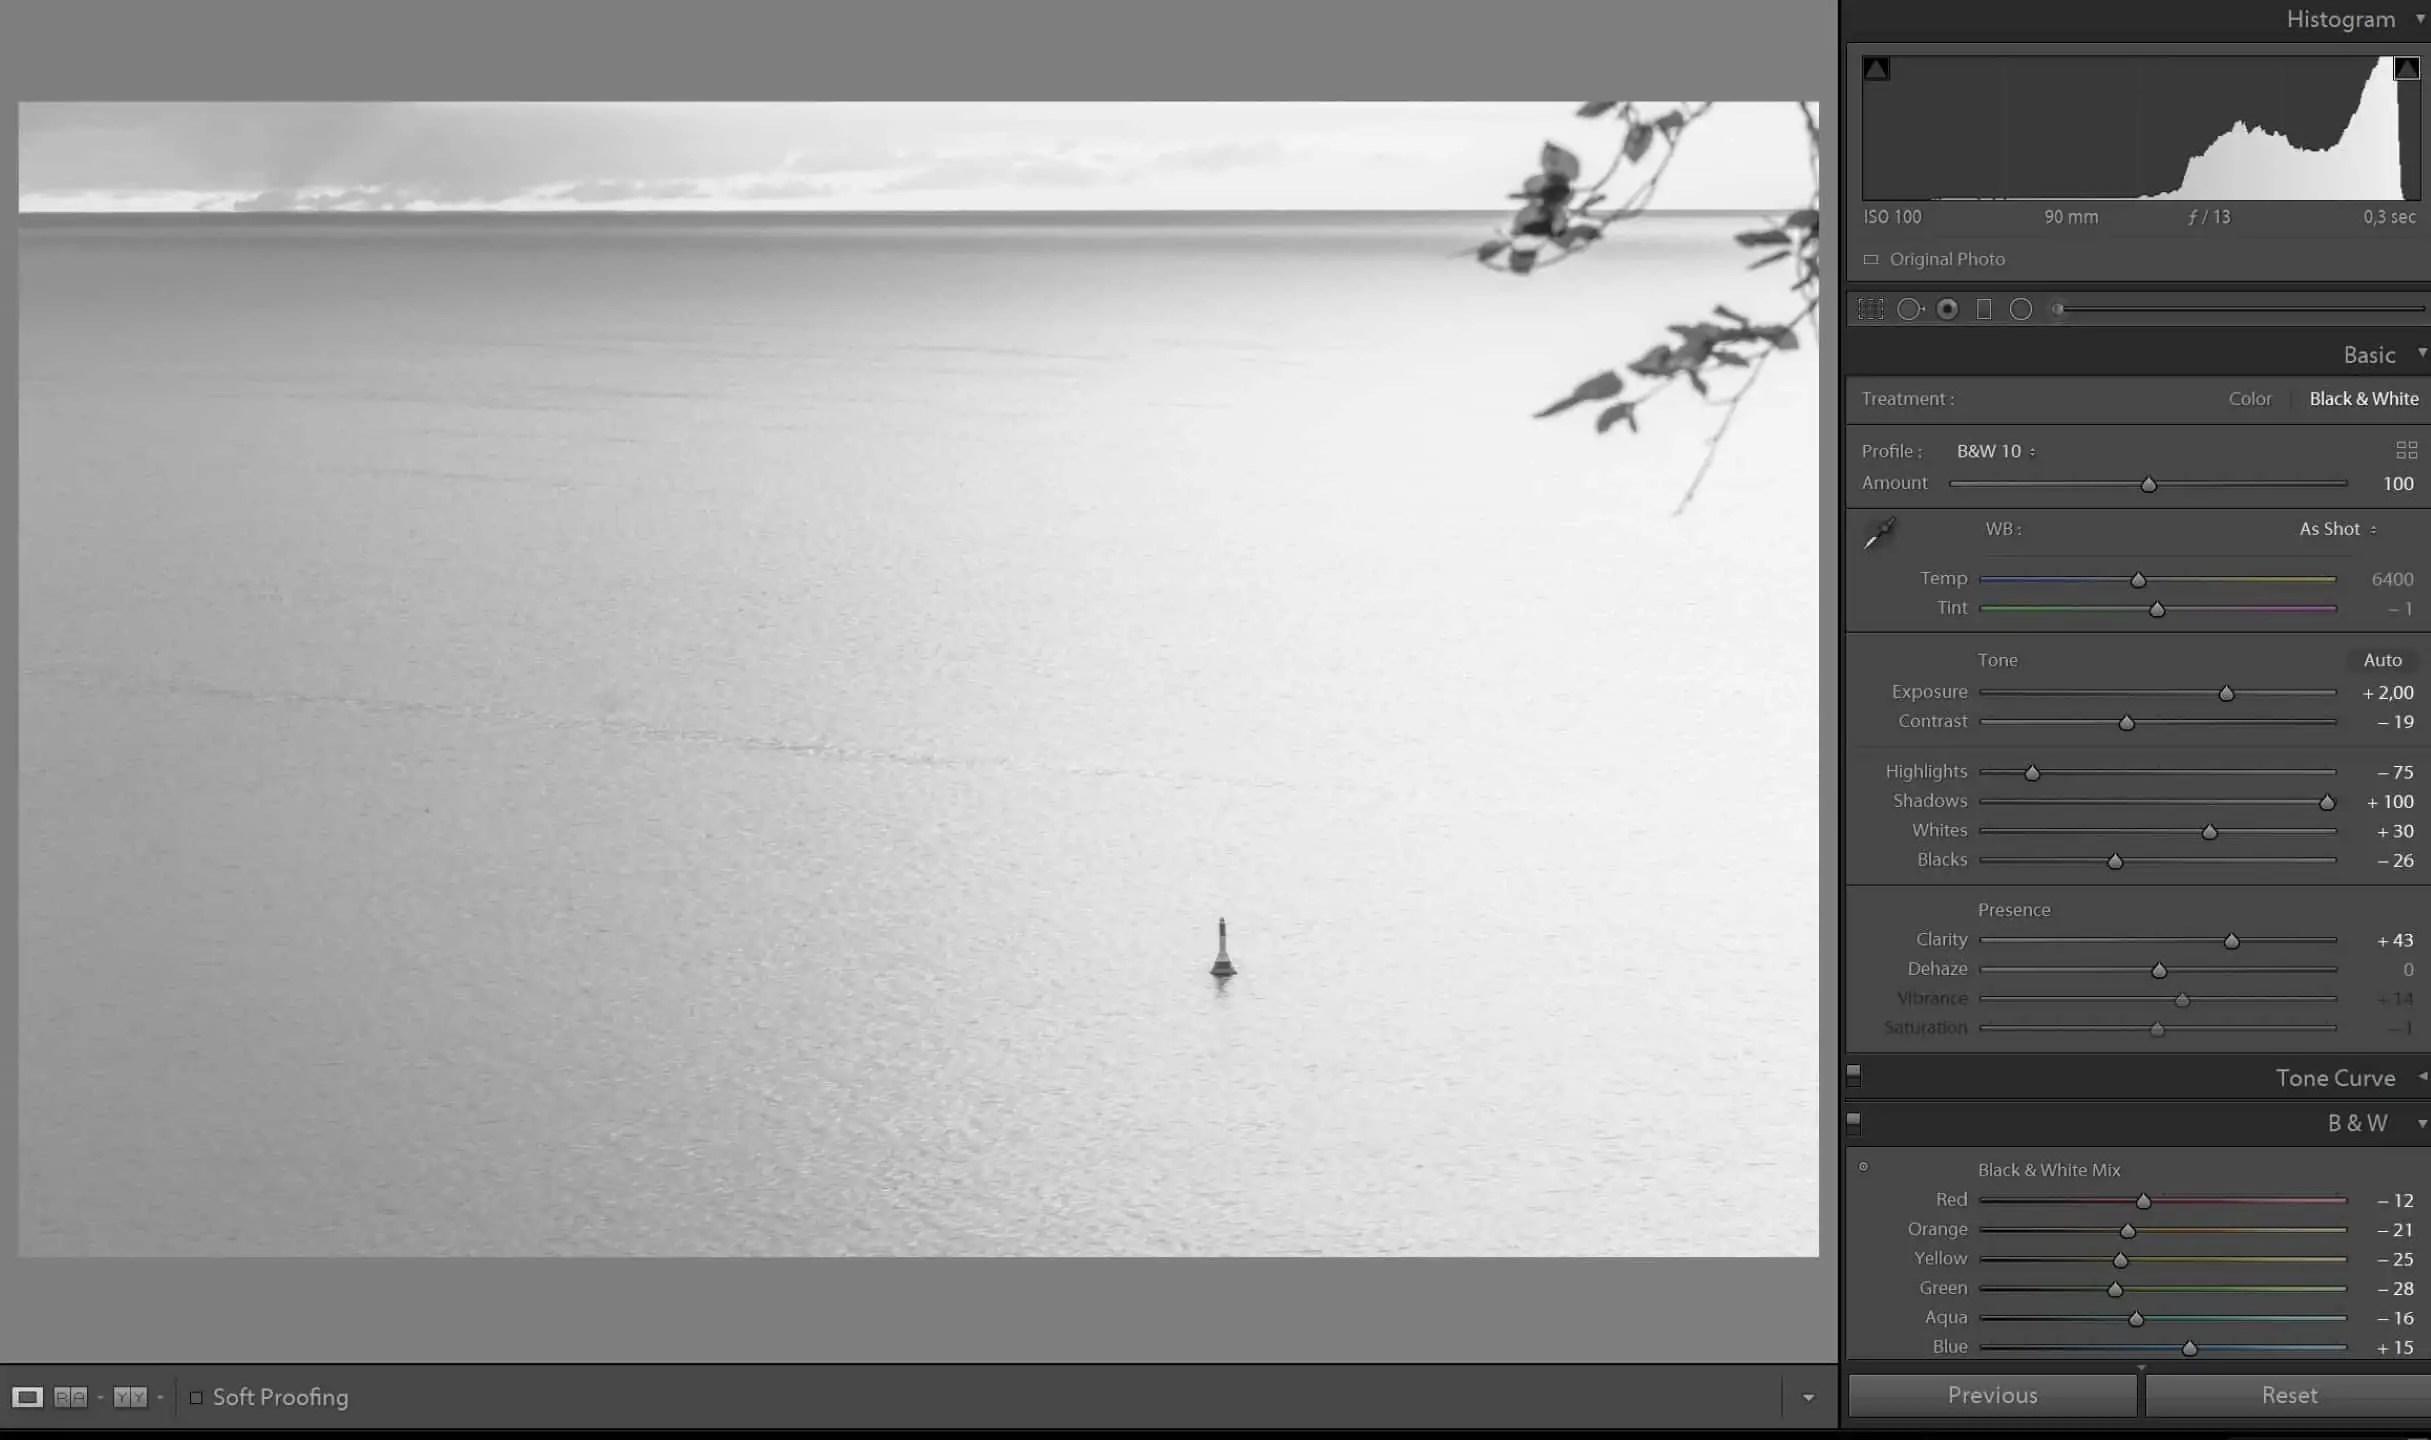 szare zdjecia odcienie czarno biale - Białe zdjęcie - co to jest ? 8 odpowiedzi